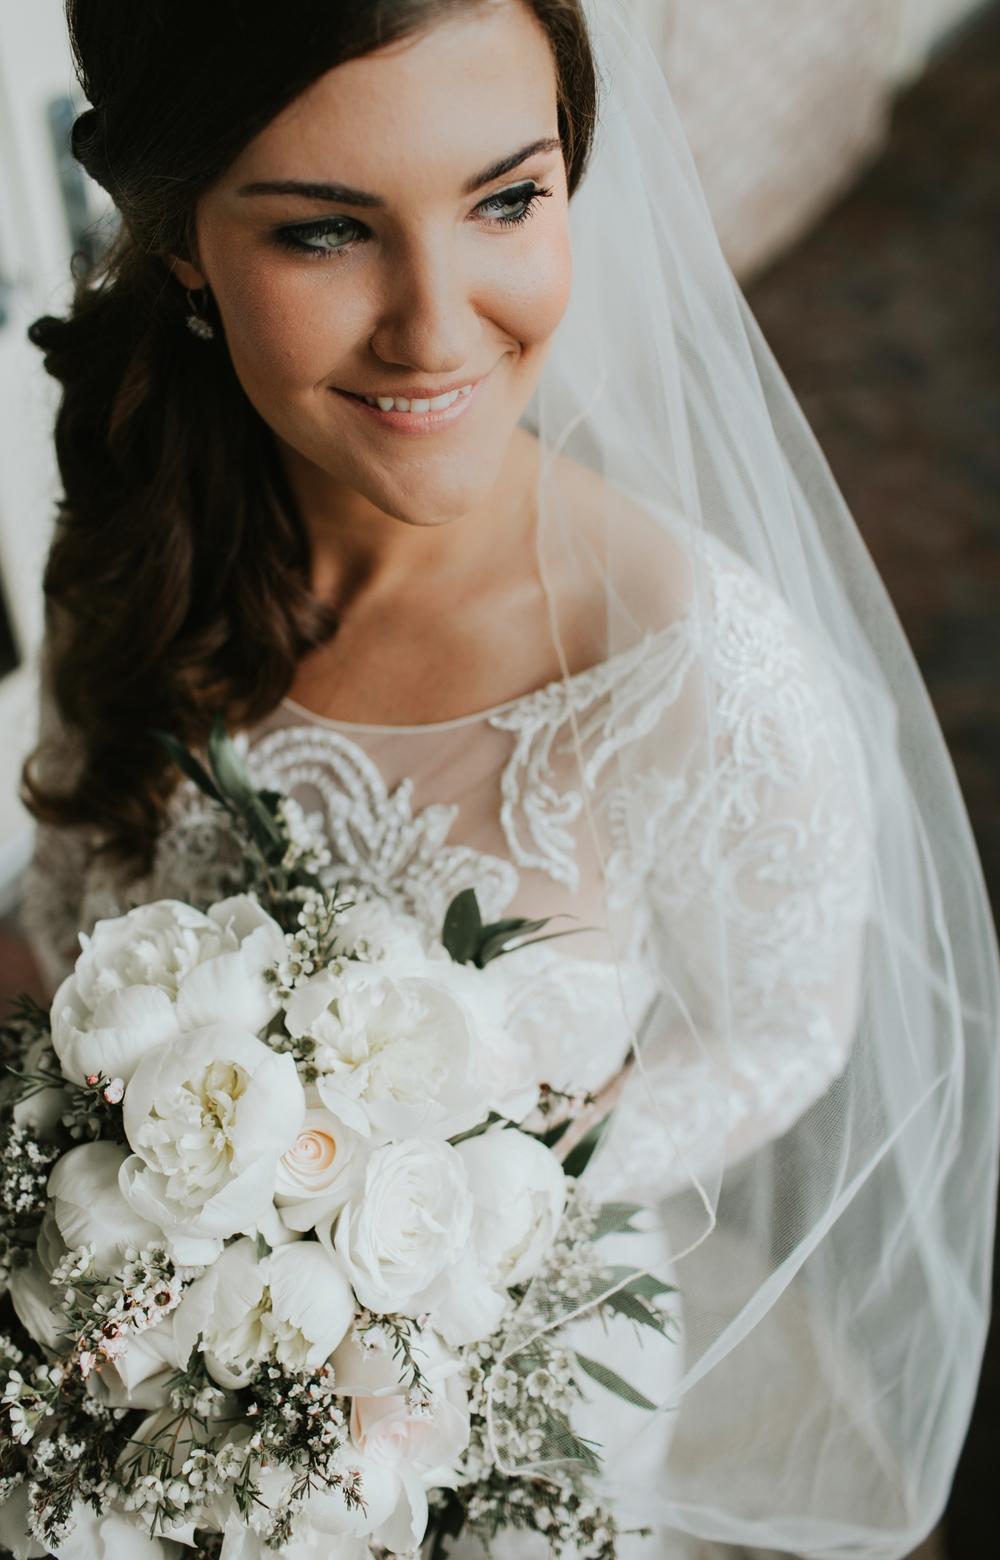 Wedding Pictures | vanessaboy.com-276.com.jpg